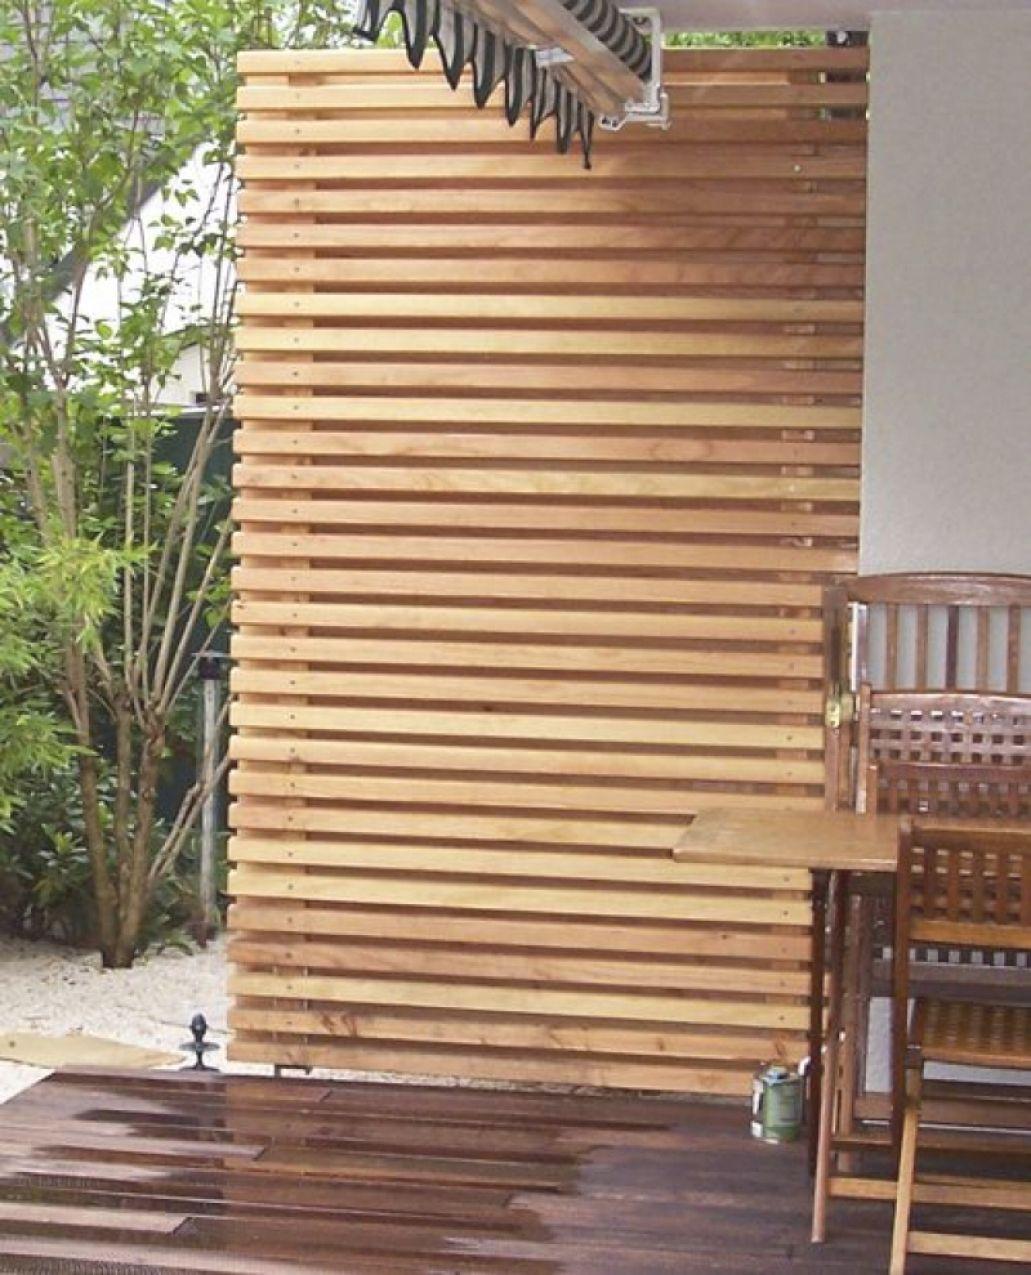 Genial balkon sichtschutz seitlich Sichtschutz holz